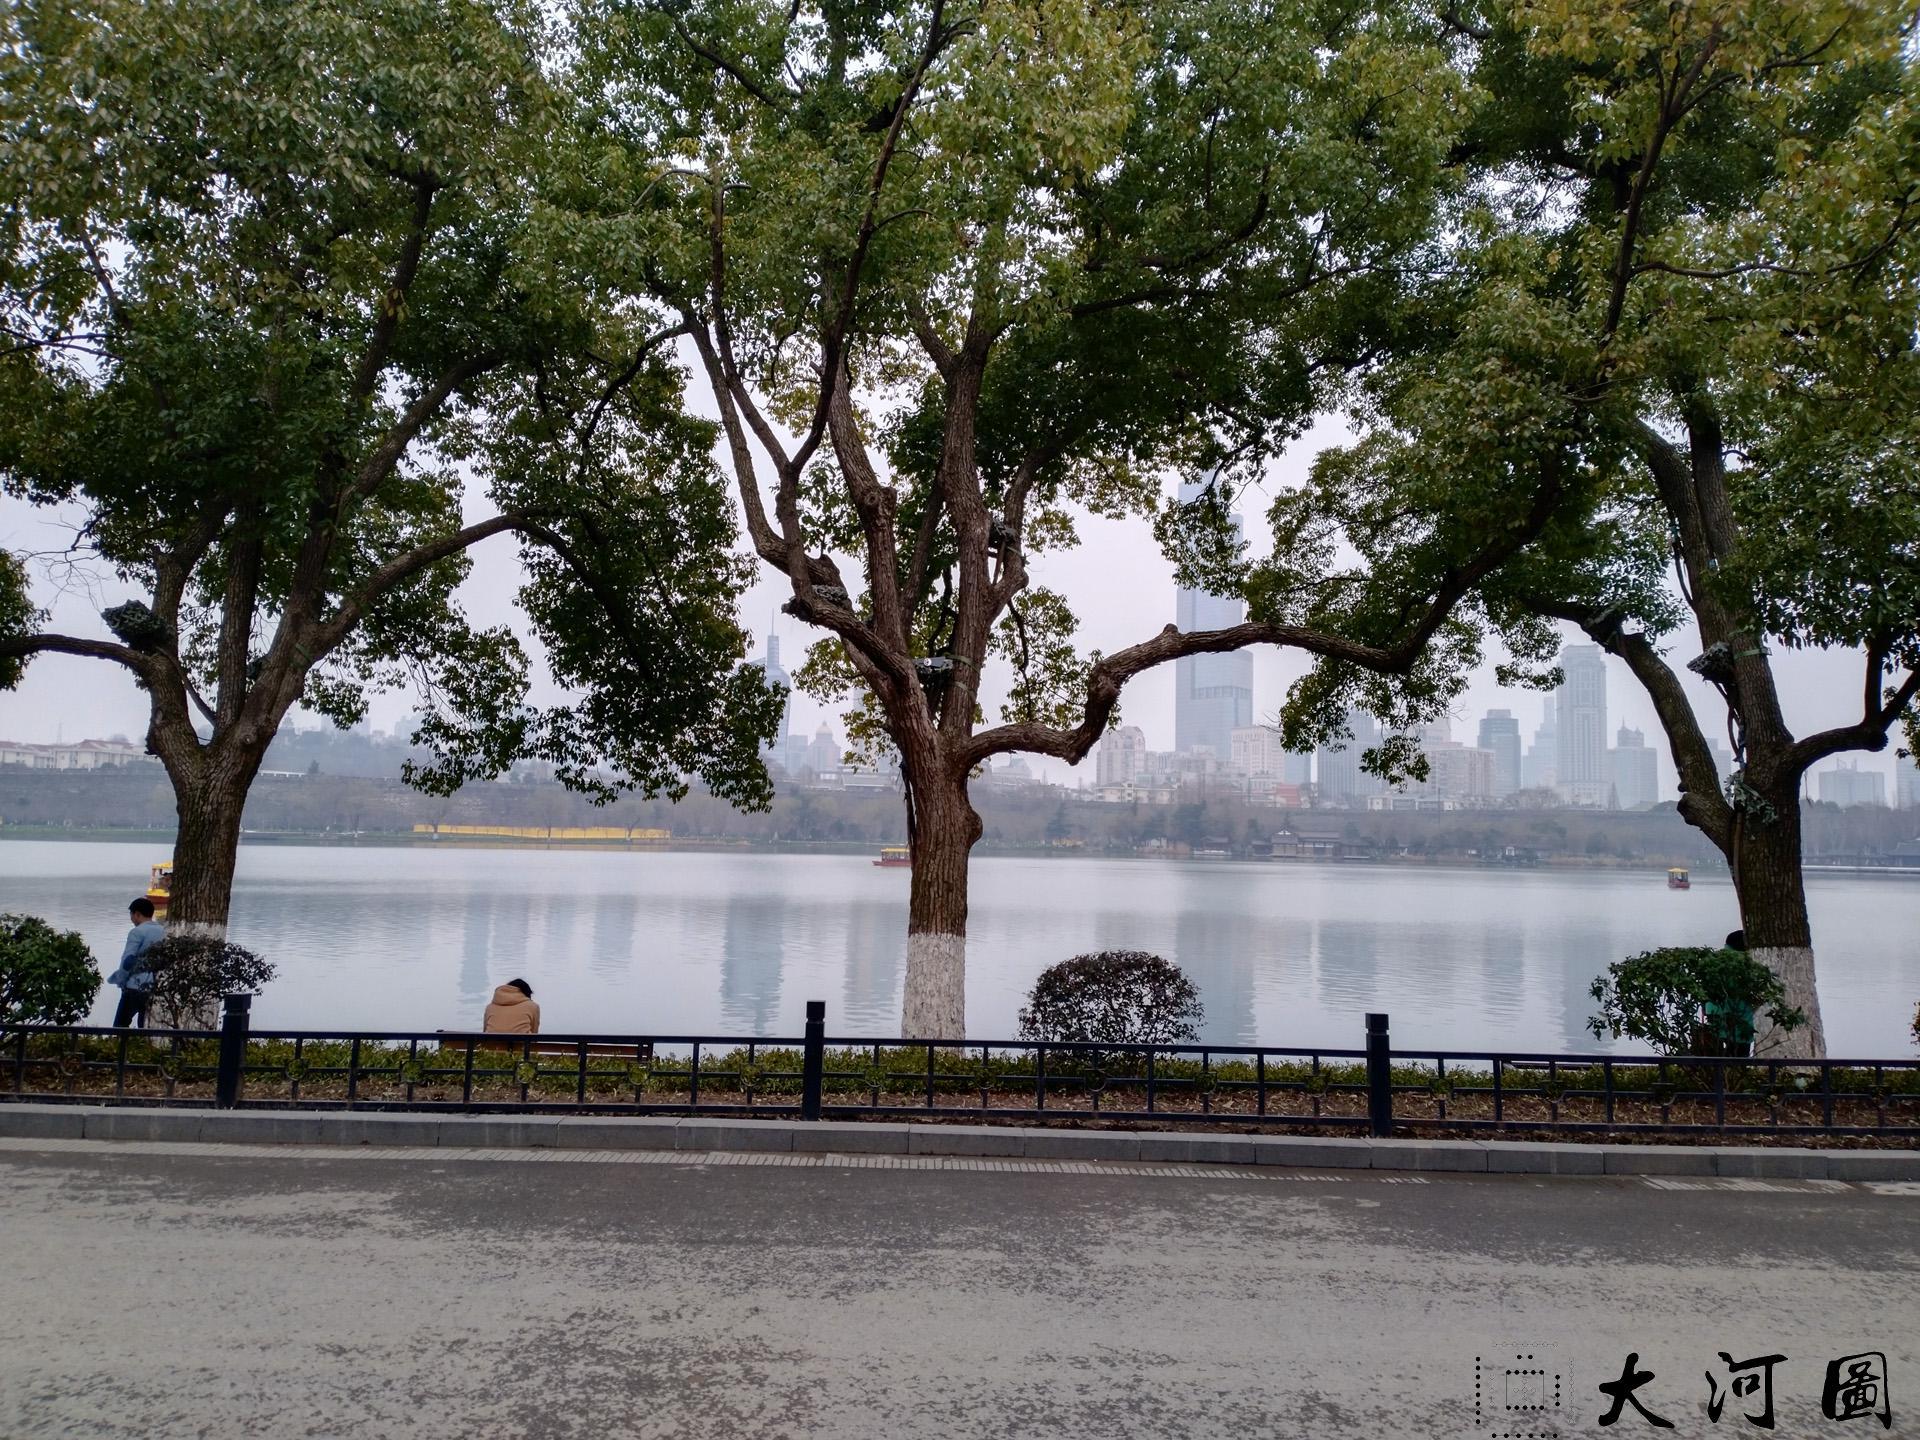 2019年3月的南京玄武湖公园之旅 摄影 第6张